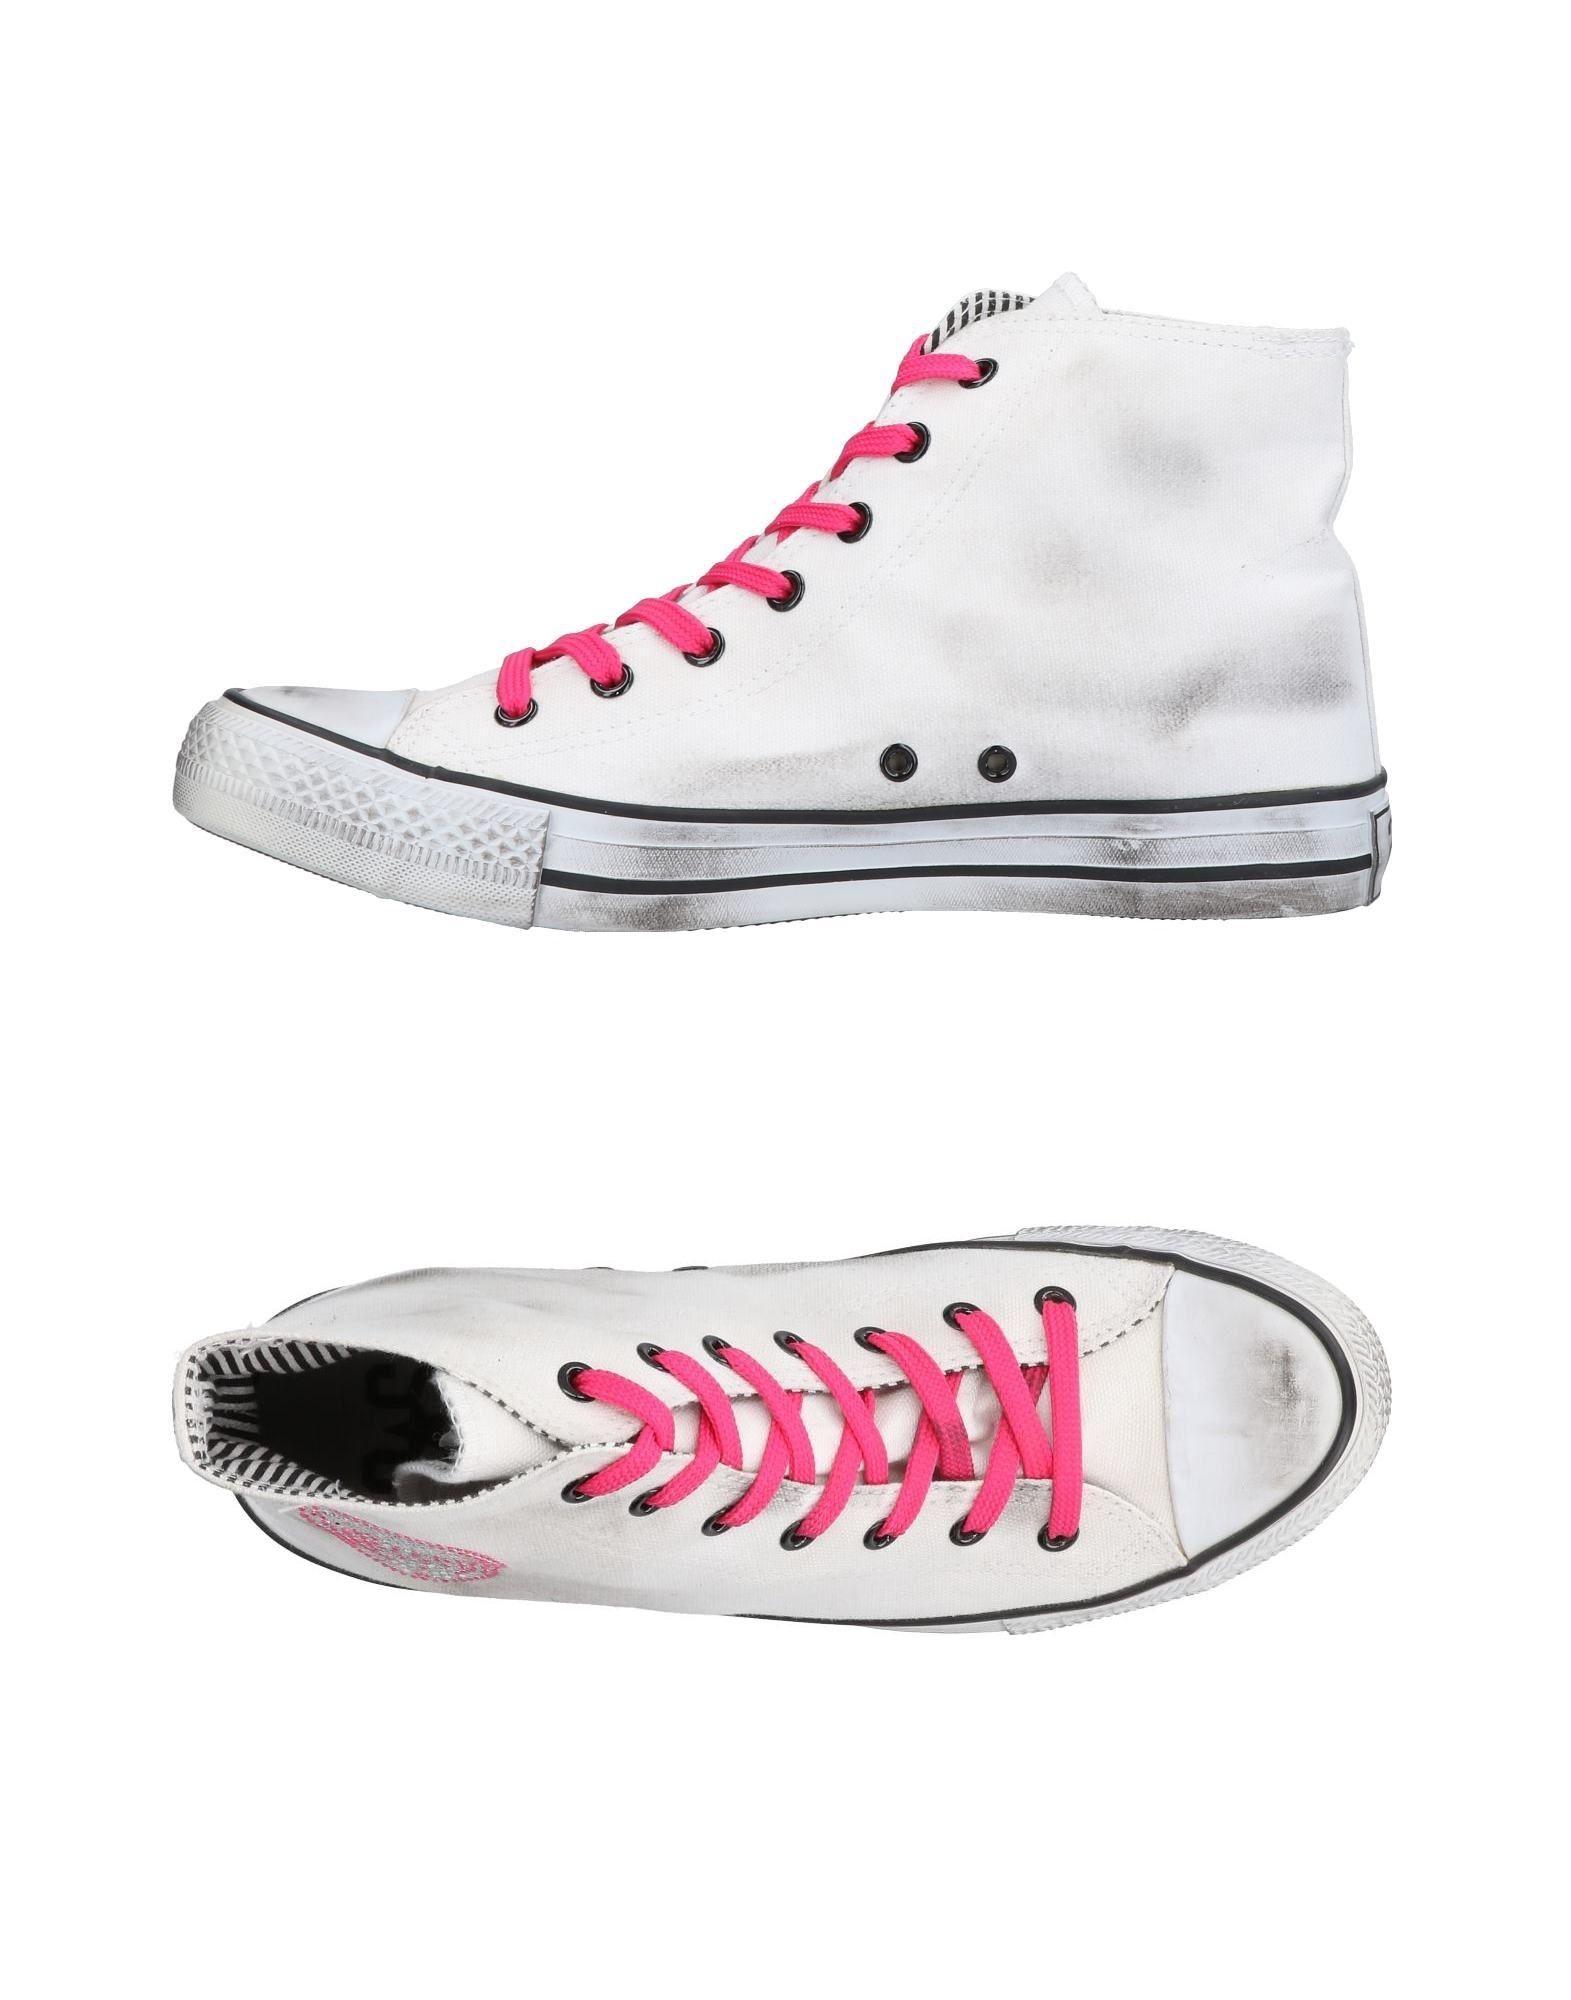 Scarpe 2Star economiche e resistenti Sneakers 2Star Scarpe Donna - 11459710QM 32f7d4